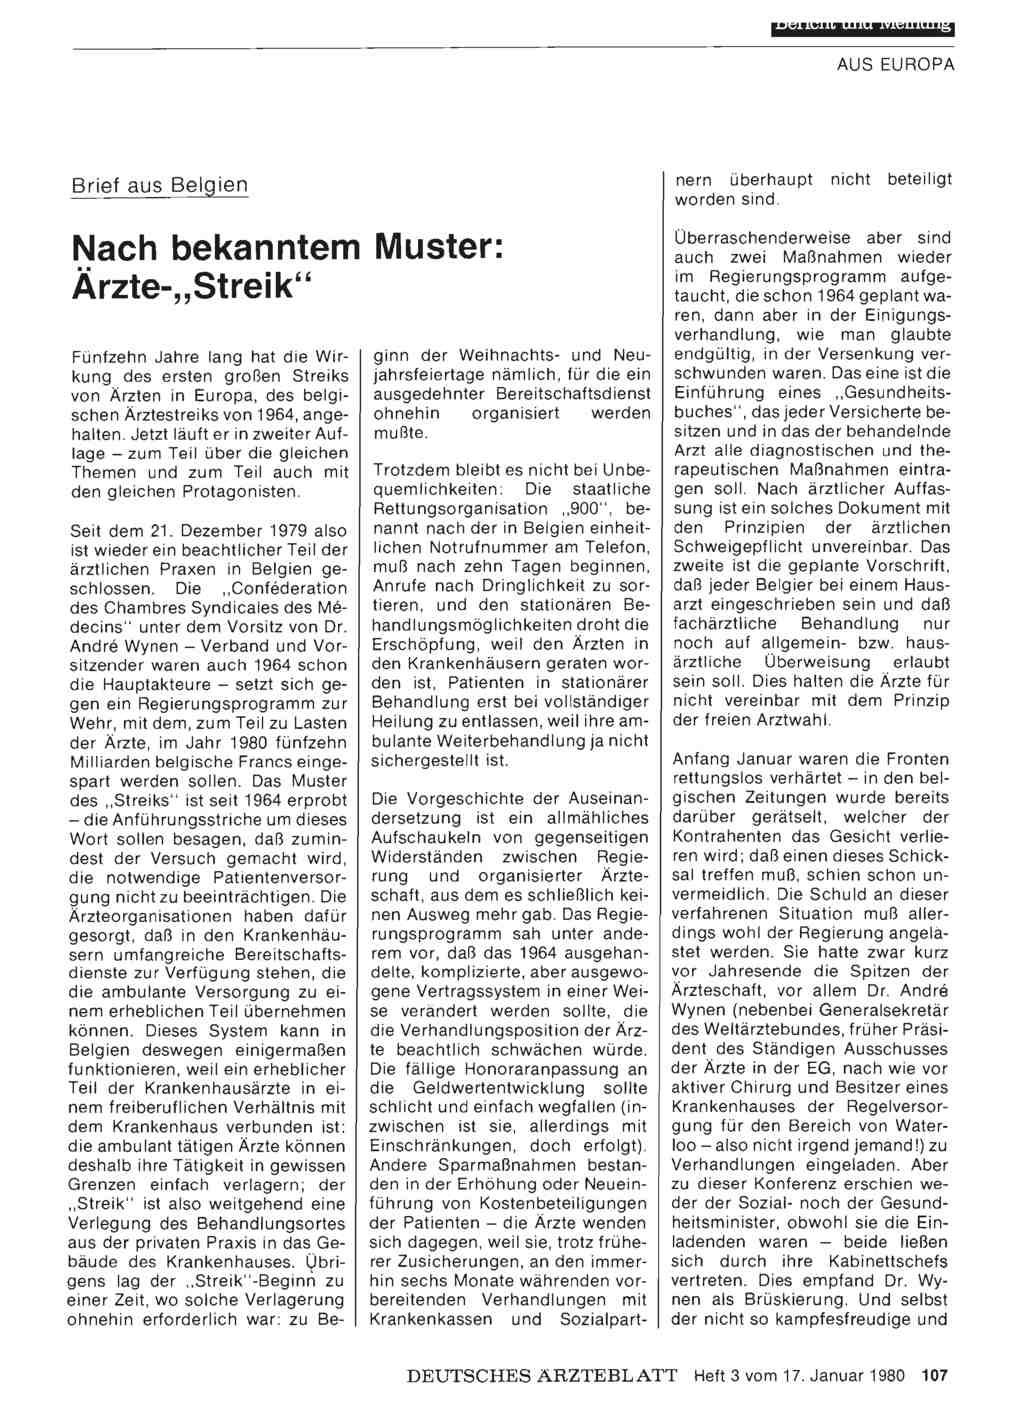 Brief Aus Belgien Nach Bekanntem Muster ärzte Streik